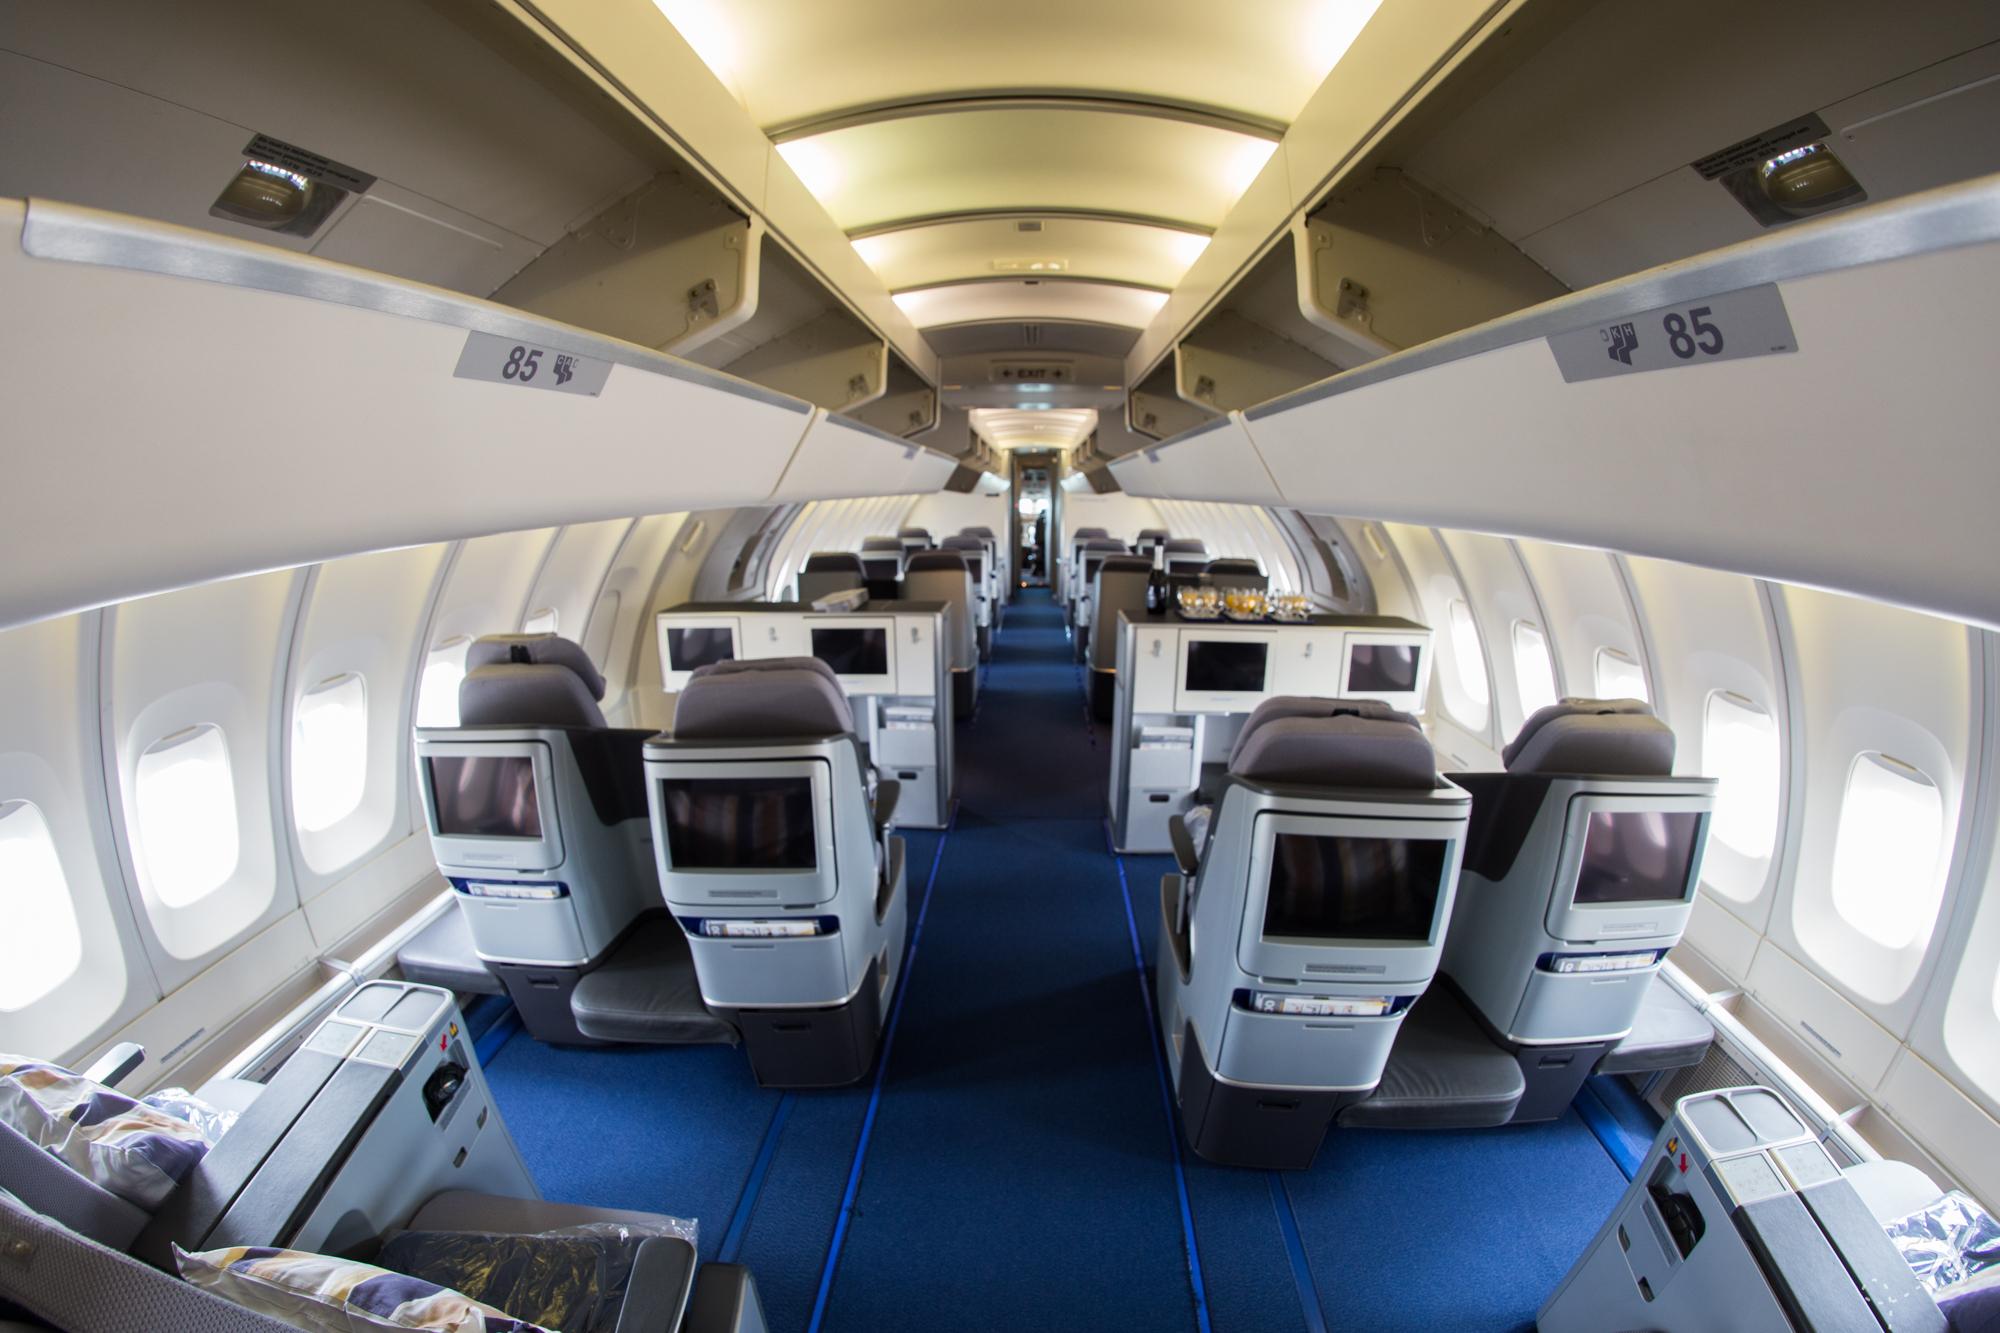 Lufthansa Business Class Kabine Boeing 747-400 Upper Deck